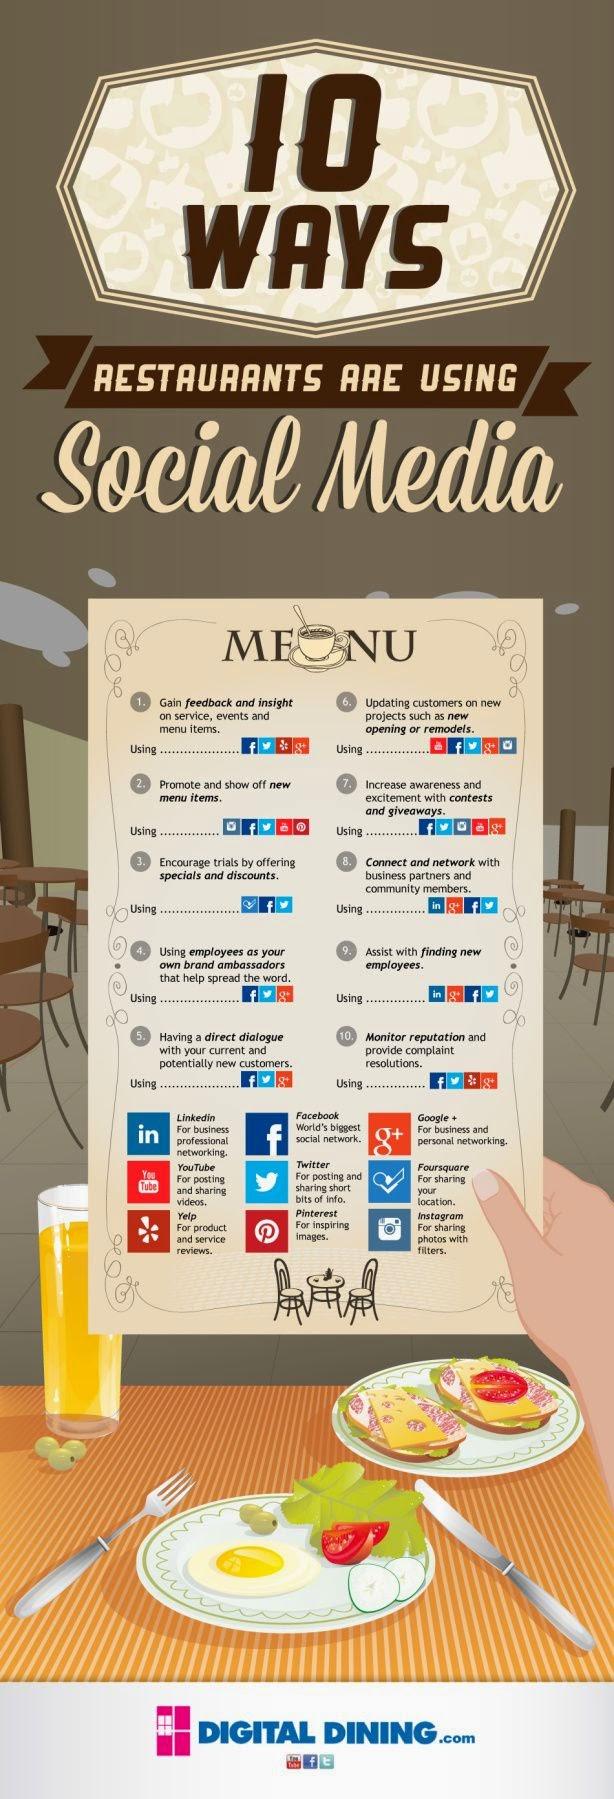 10 maneras en que los restaurantes están aprovechando los medios sociales